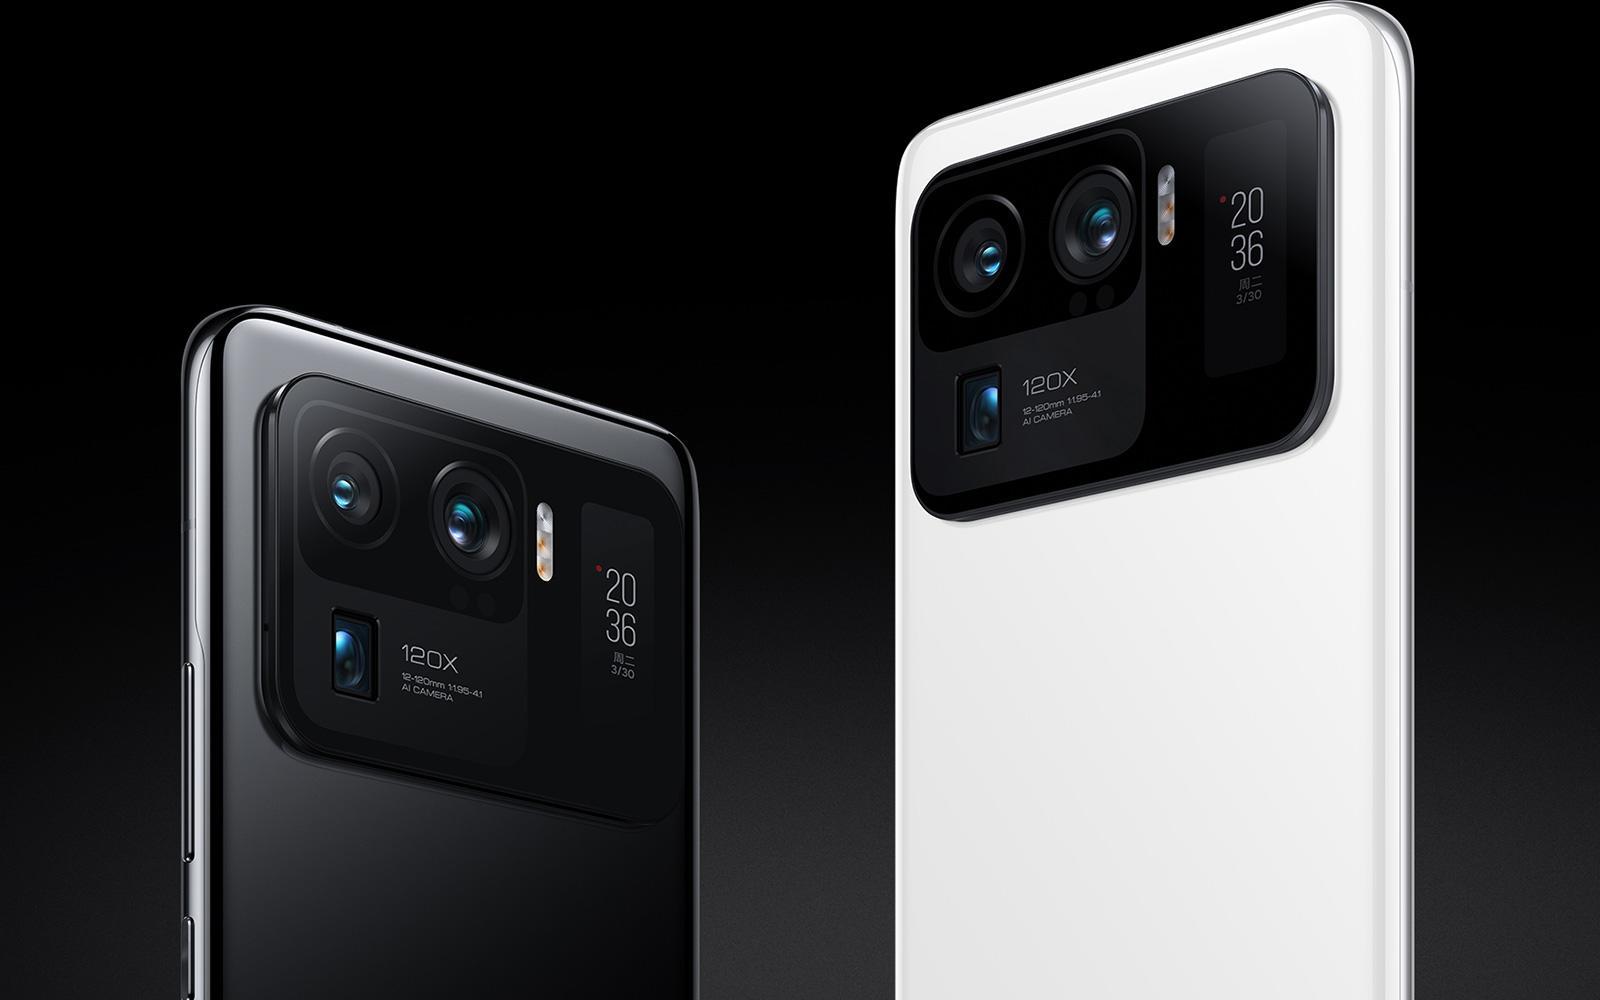 速報:Xiaomi Mi11 Ultra / Pro発表。『ほぼ1インチ』巨大イメージセンサ搭載 - Engadget 日本版